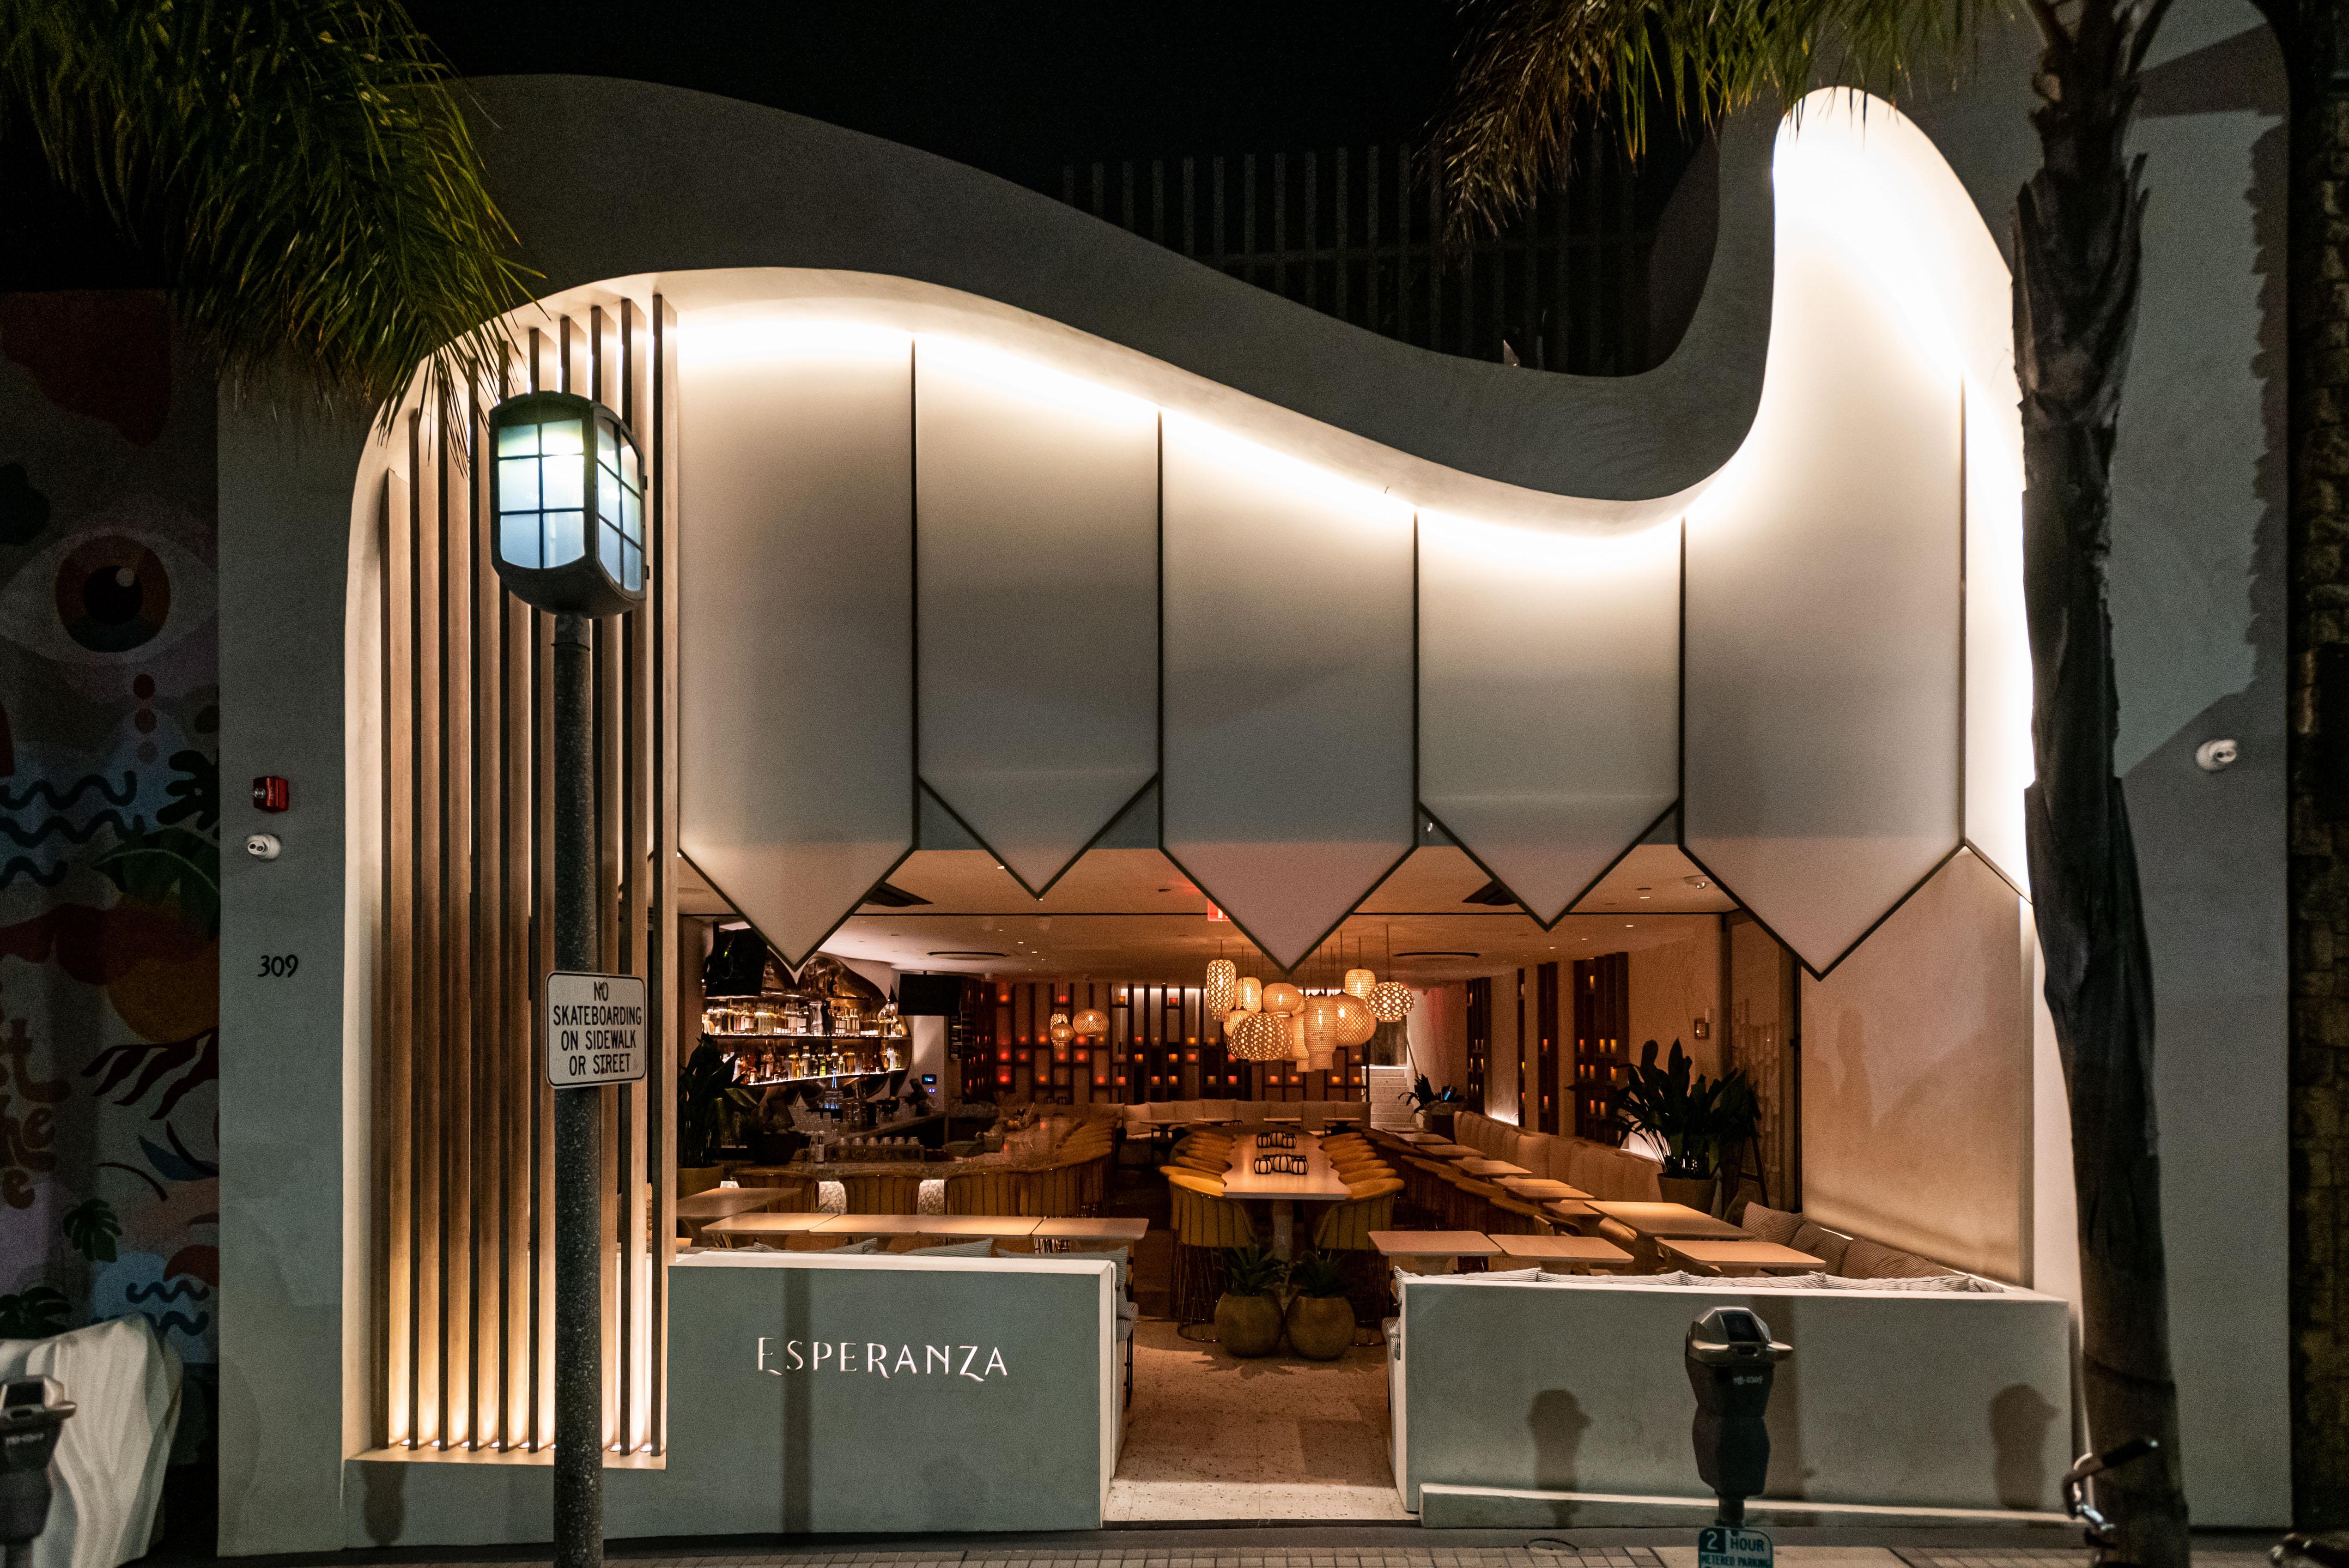 Esperanza Cocina de la Playa restaurant in Manhattan Beach, California